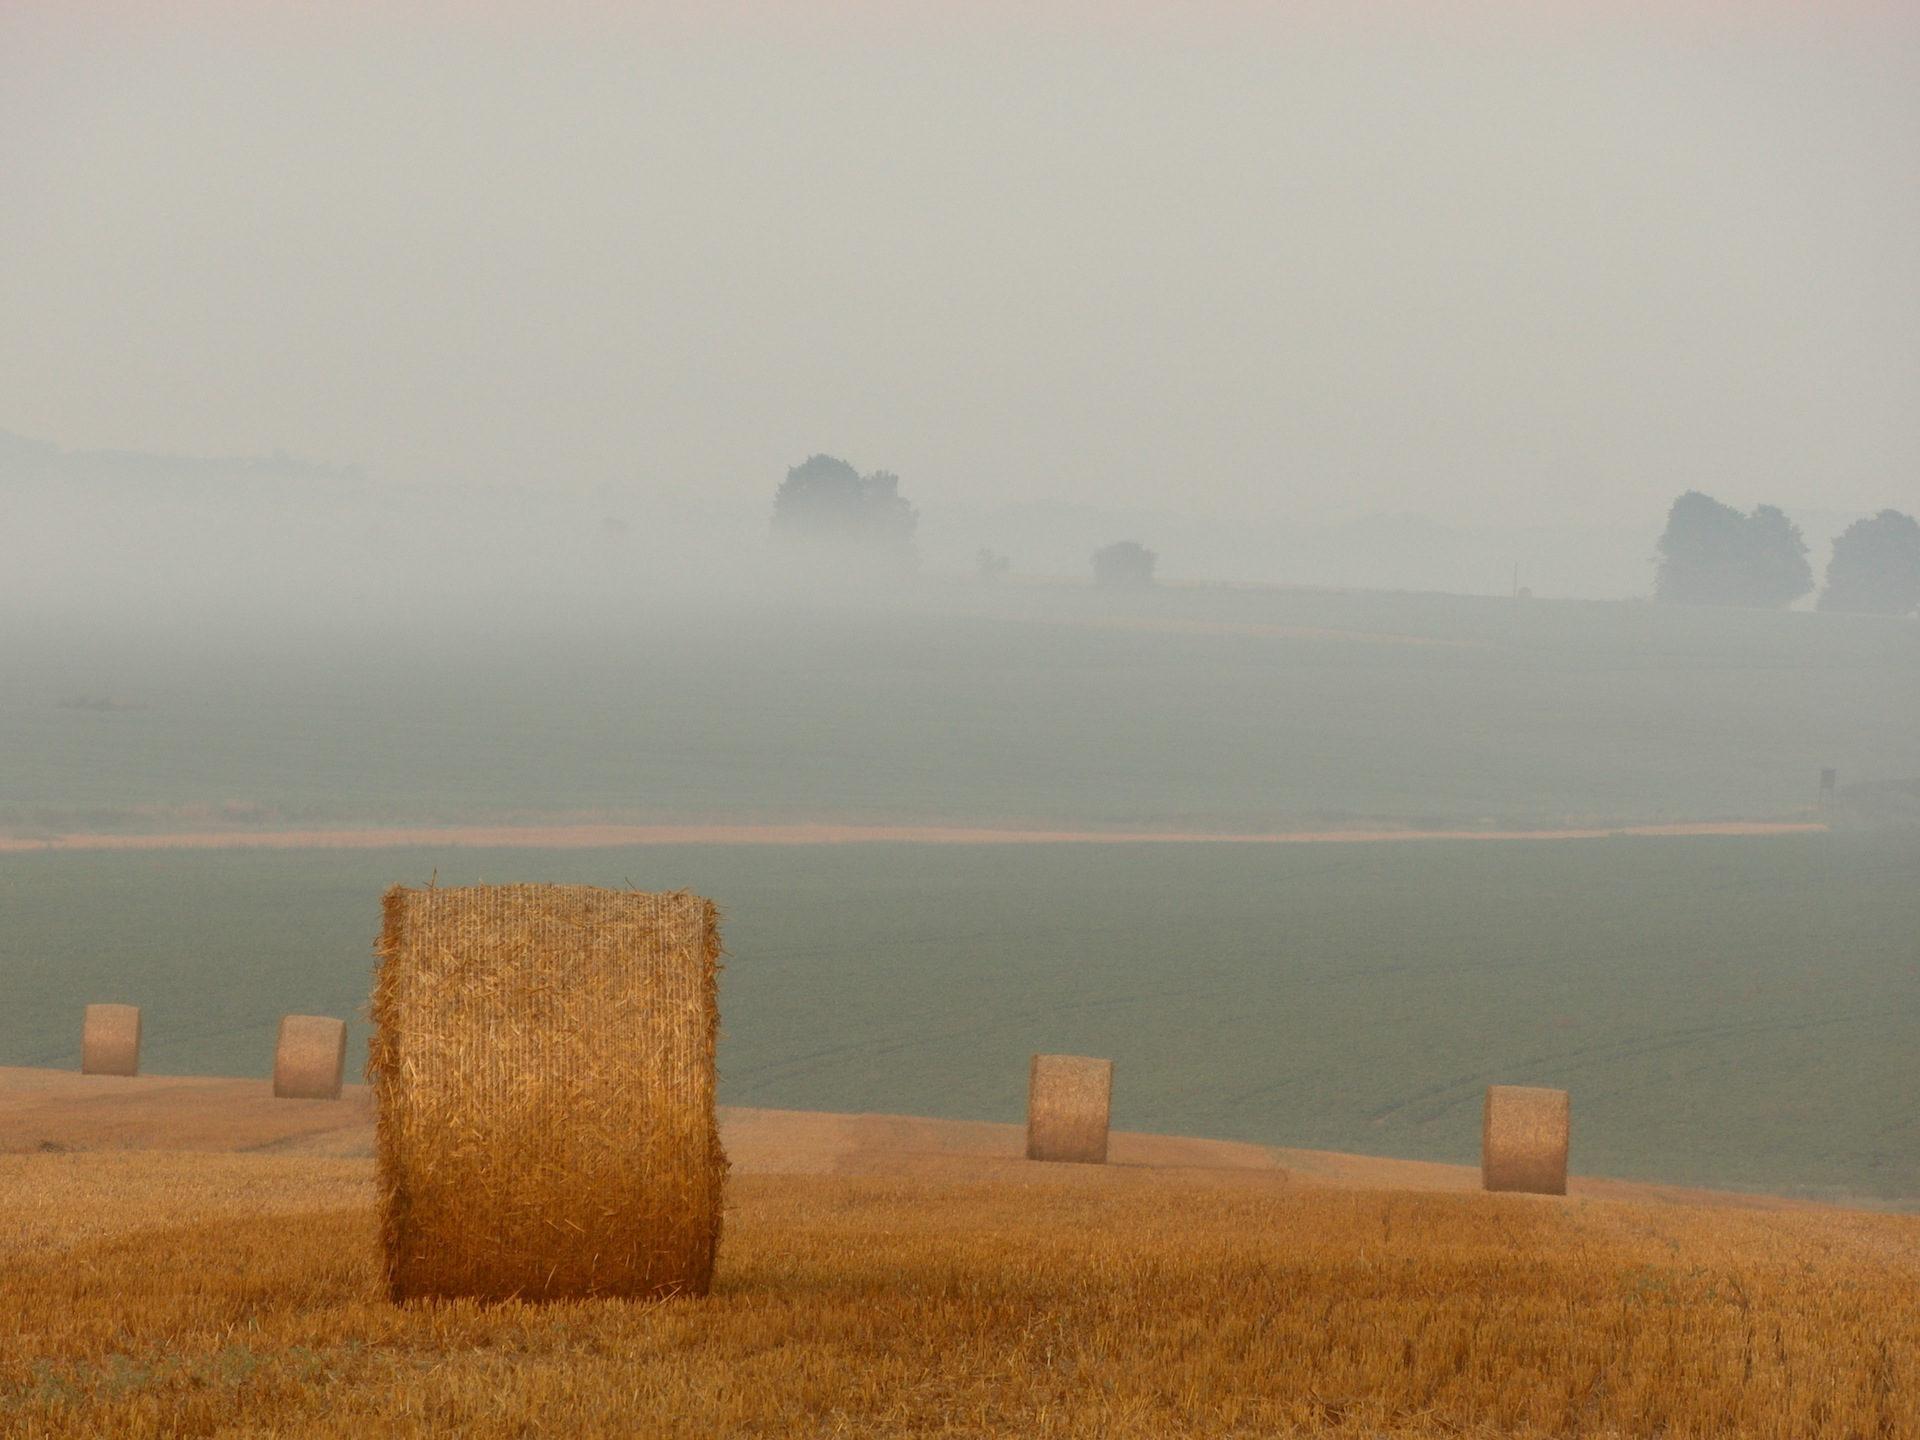 άχυρο, χλόη, Rulo, Pradera, ομίχλη - Wallpapers HD - Professor-falken.com